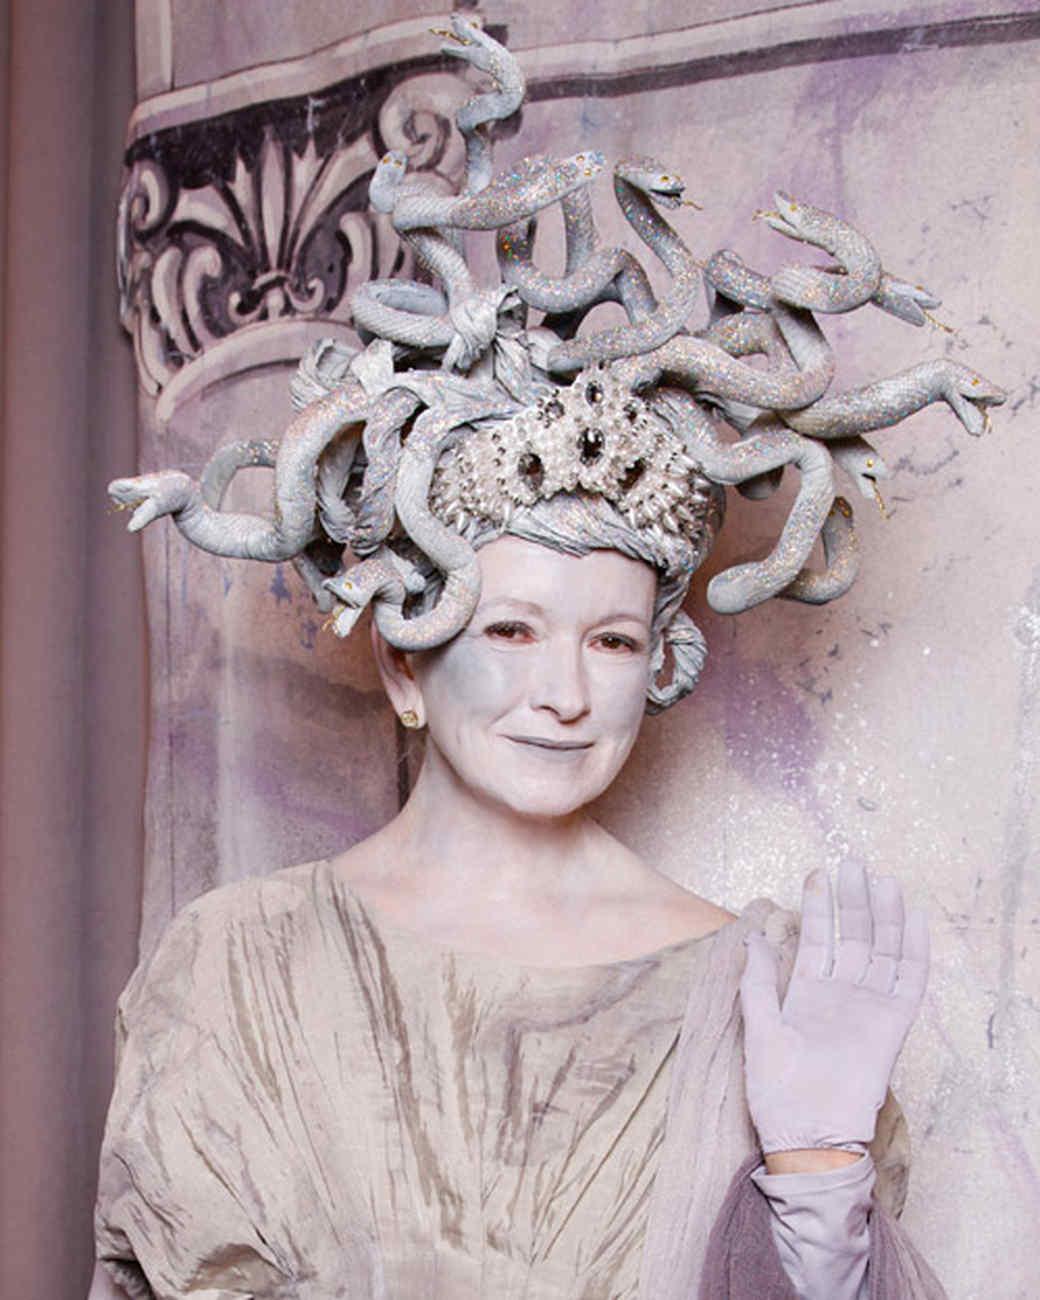 martha stewarts best halloween costumes through the years martha stewart - Medusa Halloween Costume Kids